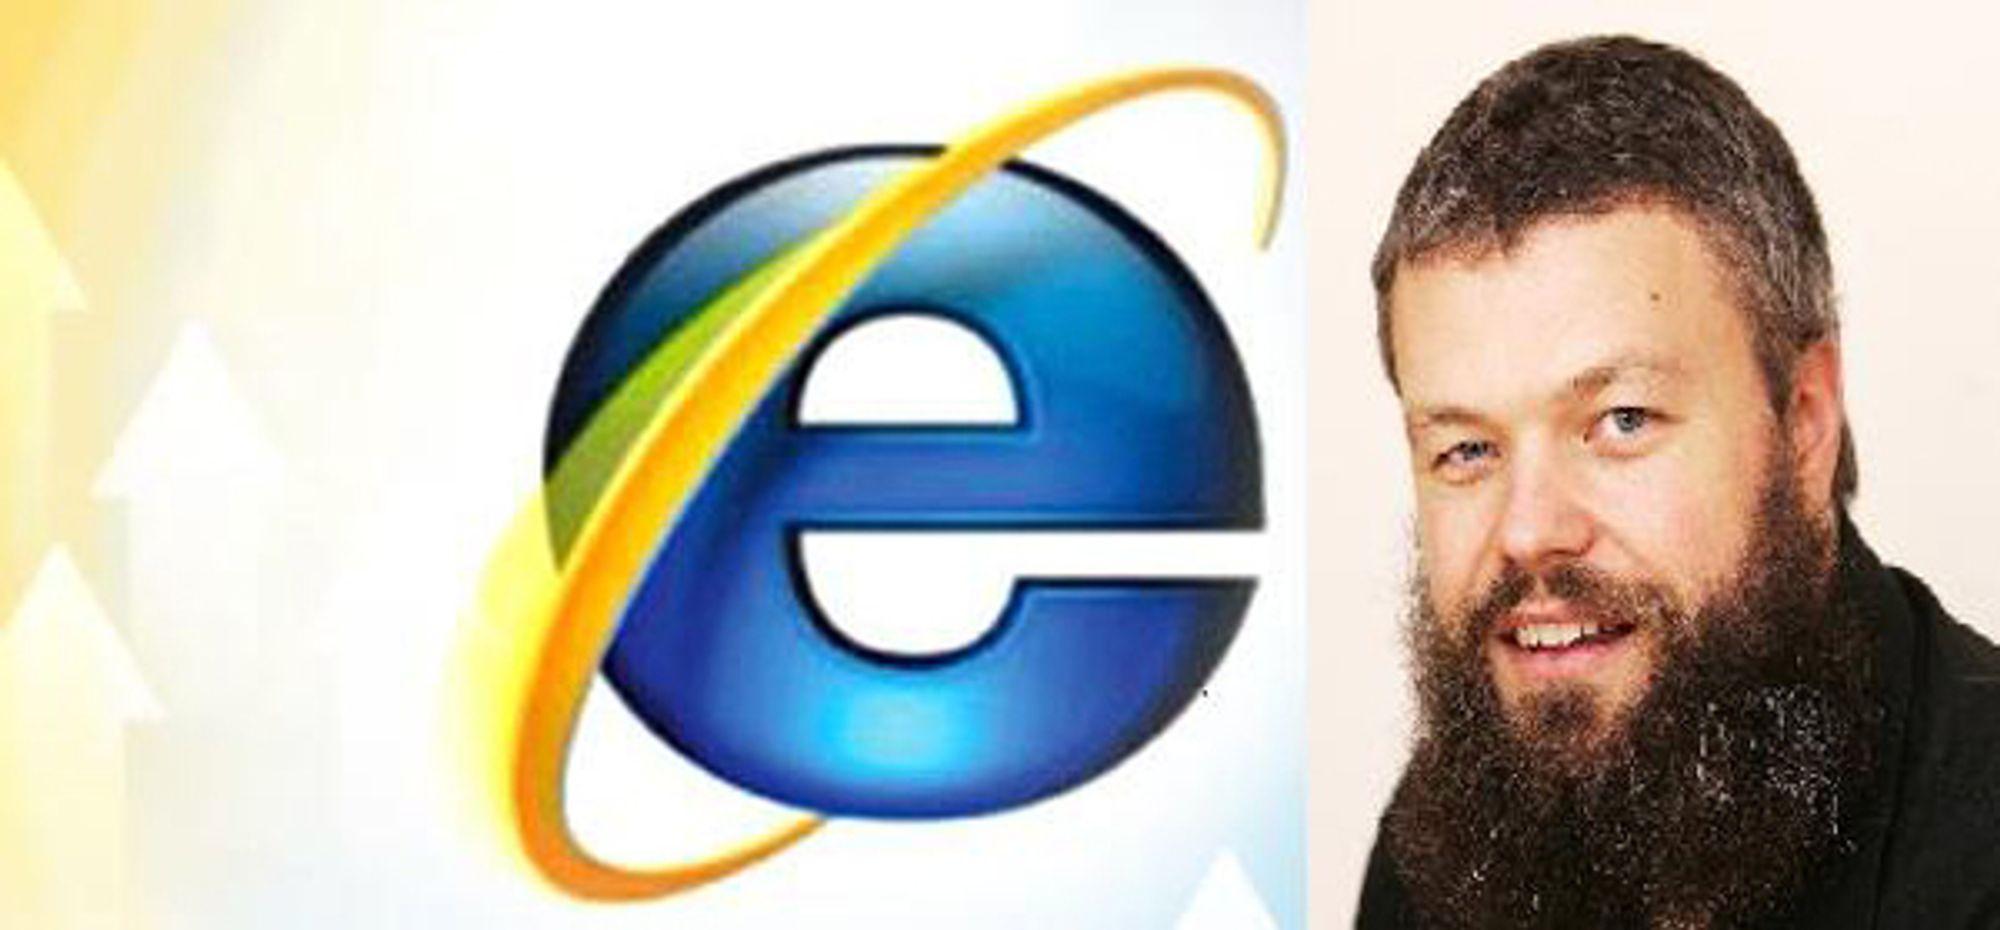 STØTTER KAMPANJEN: Også IKT-Norge og Torgeir Waterhouse (innfelt) vil ha bort Internet Explorer 6.